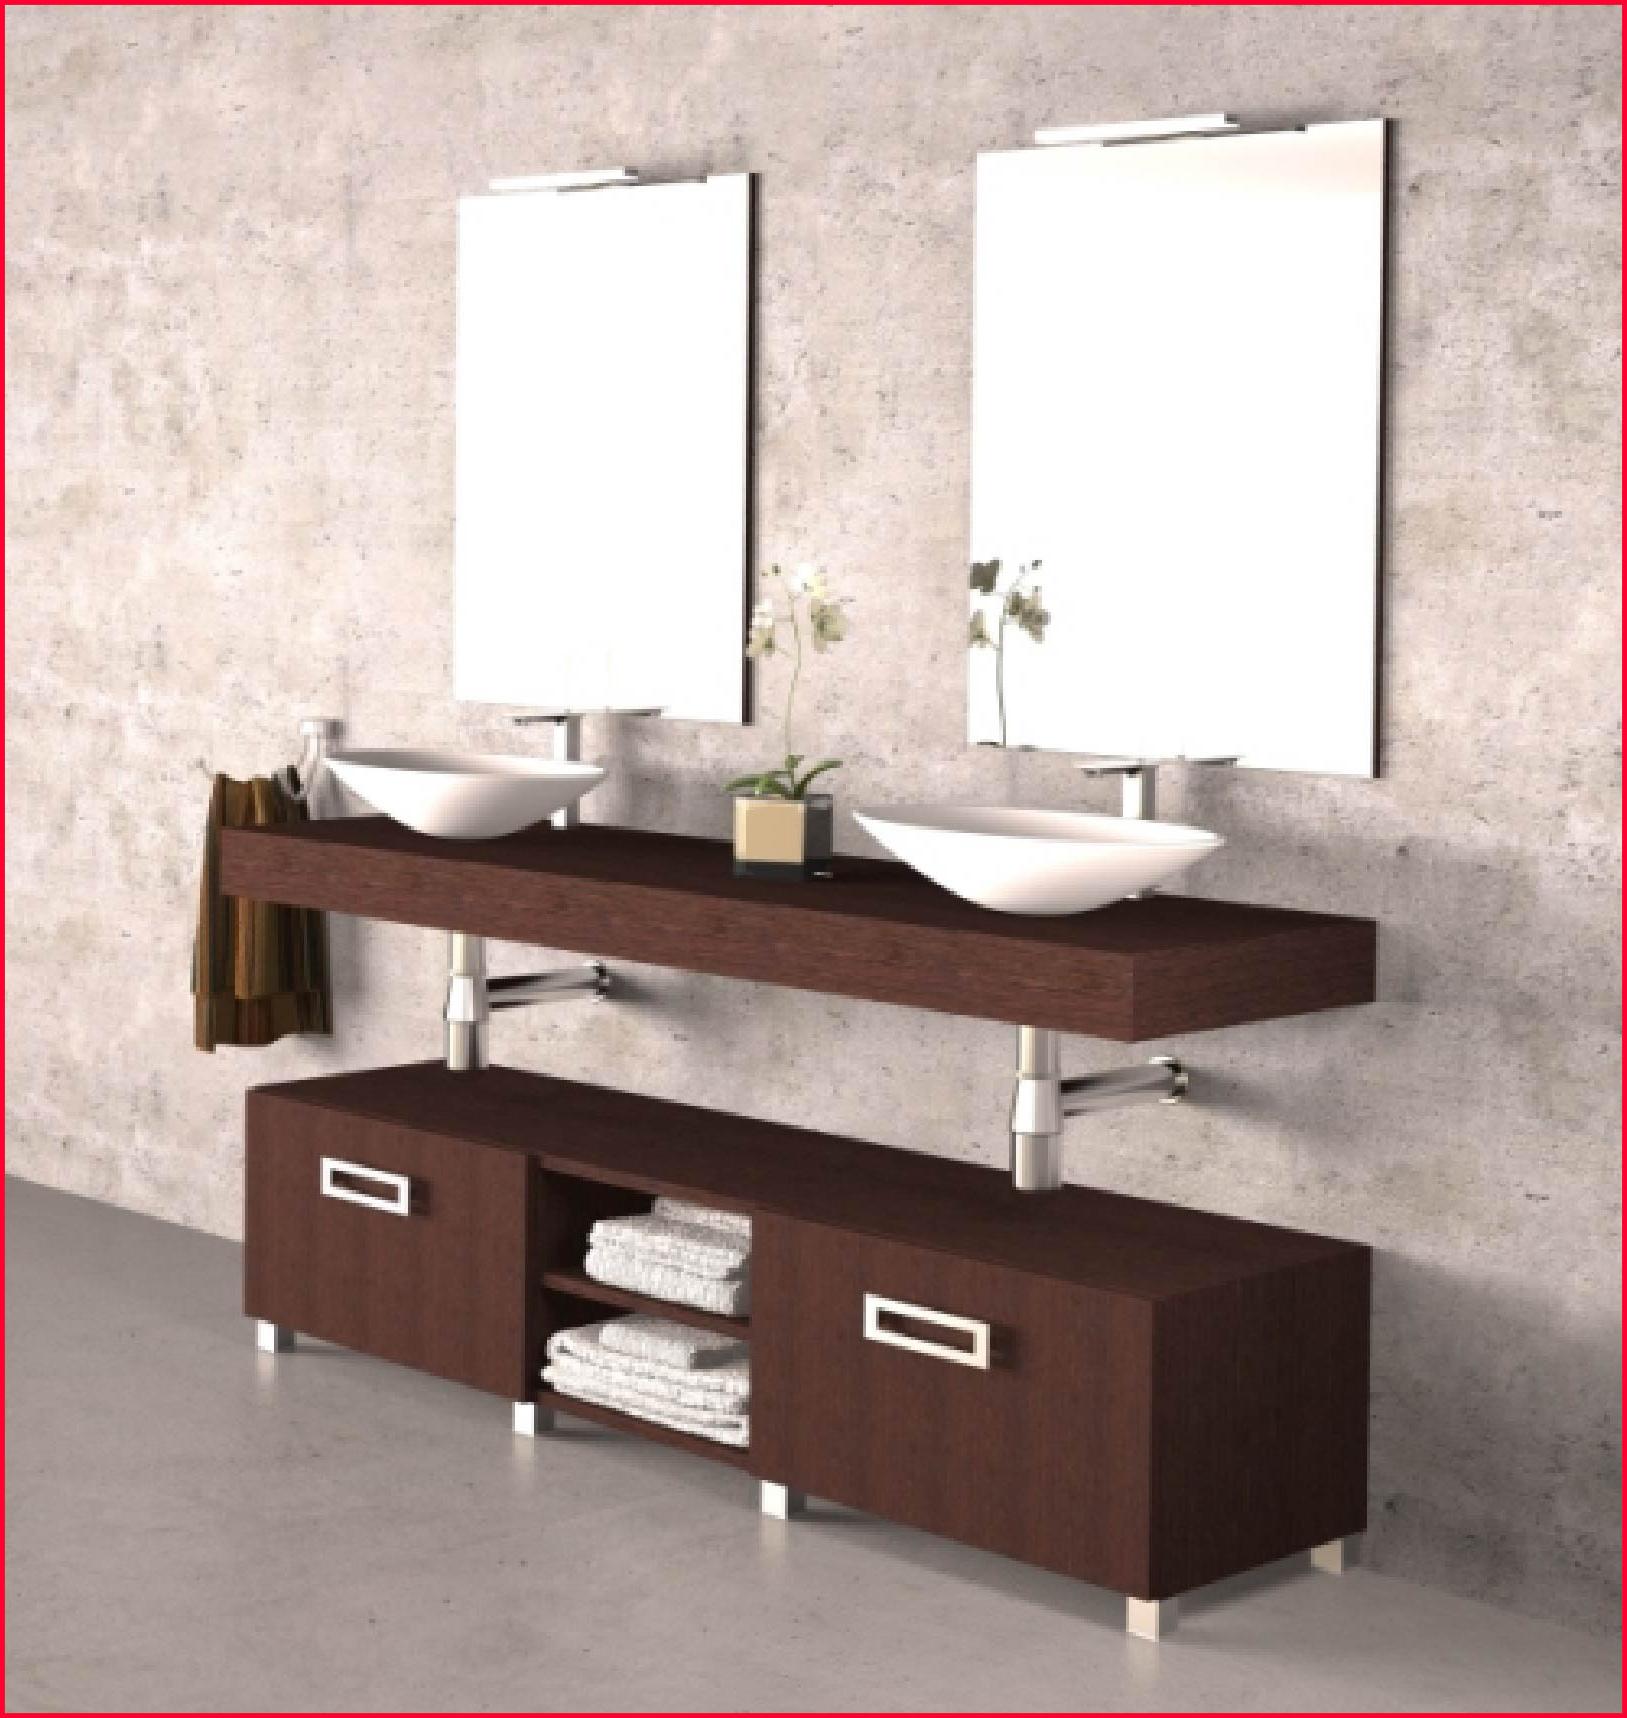 Mueble Baño Vintage Y7du Mueble Baà O Vintage Mueble BaO Vintage Altura De Muebles De